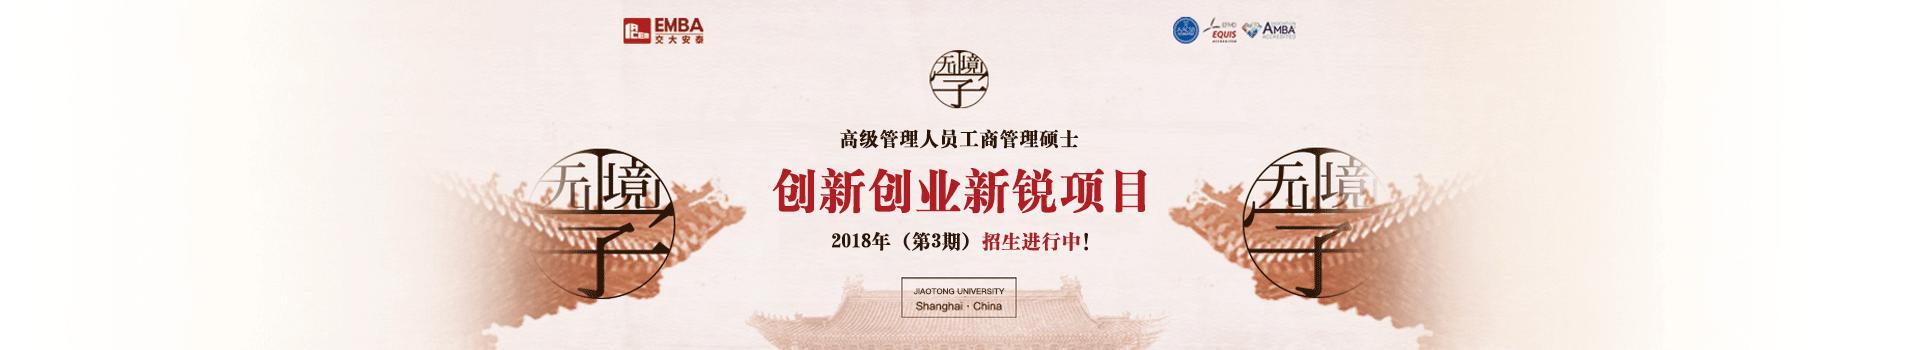 上海交通大学安泰经济与管理学院高级工商管理硕士(创新创业新锐方向EMBA)招生简章